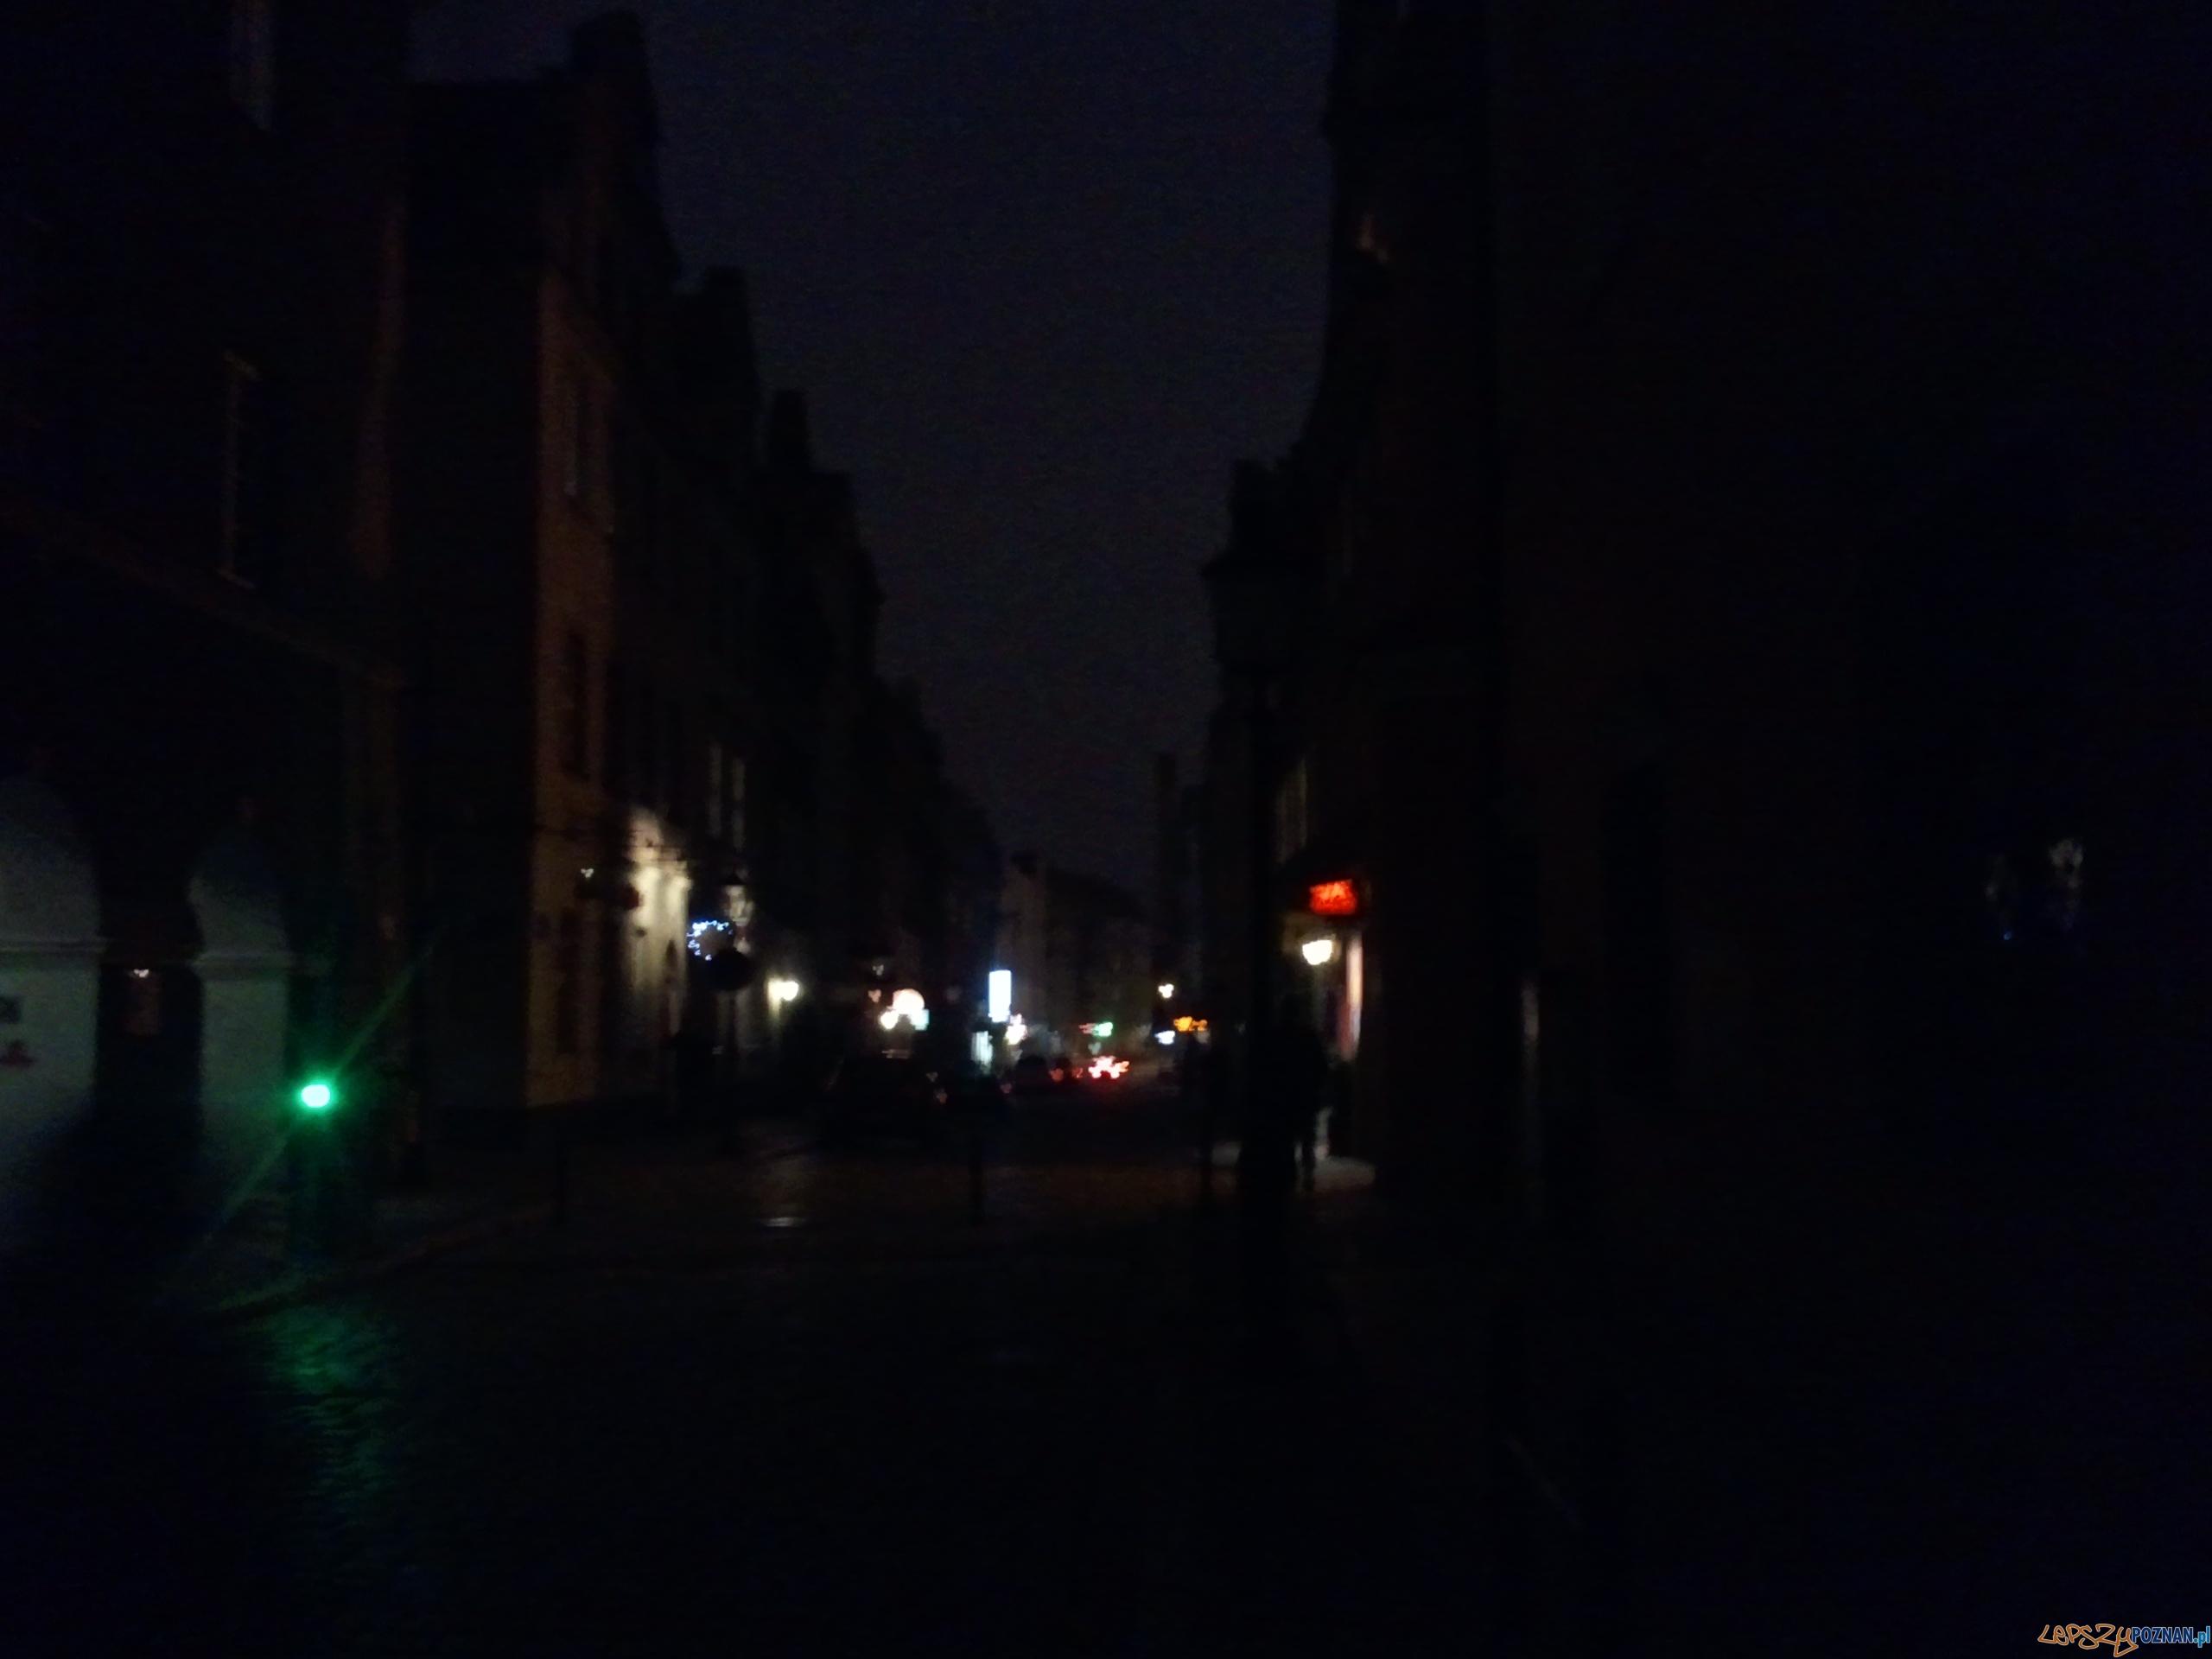 Ciemności na Starym Rynku i na pobliskich uliczkach  Foto: lepszyPOZNAN.pl / gsm